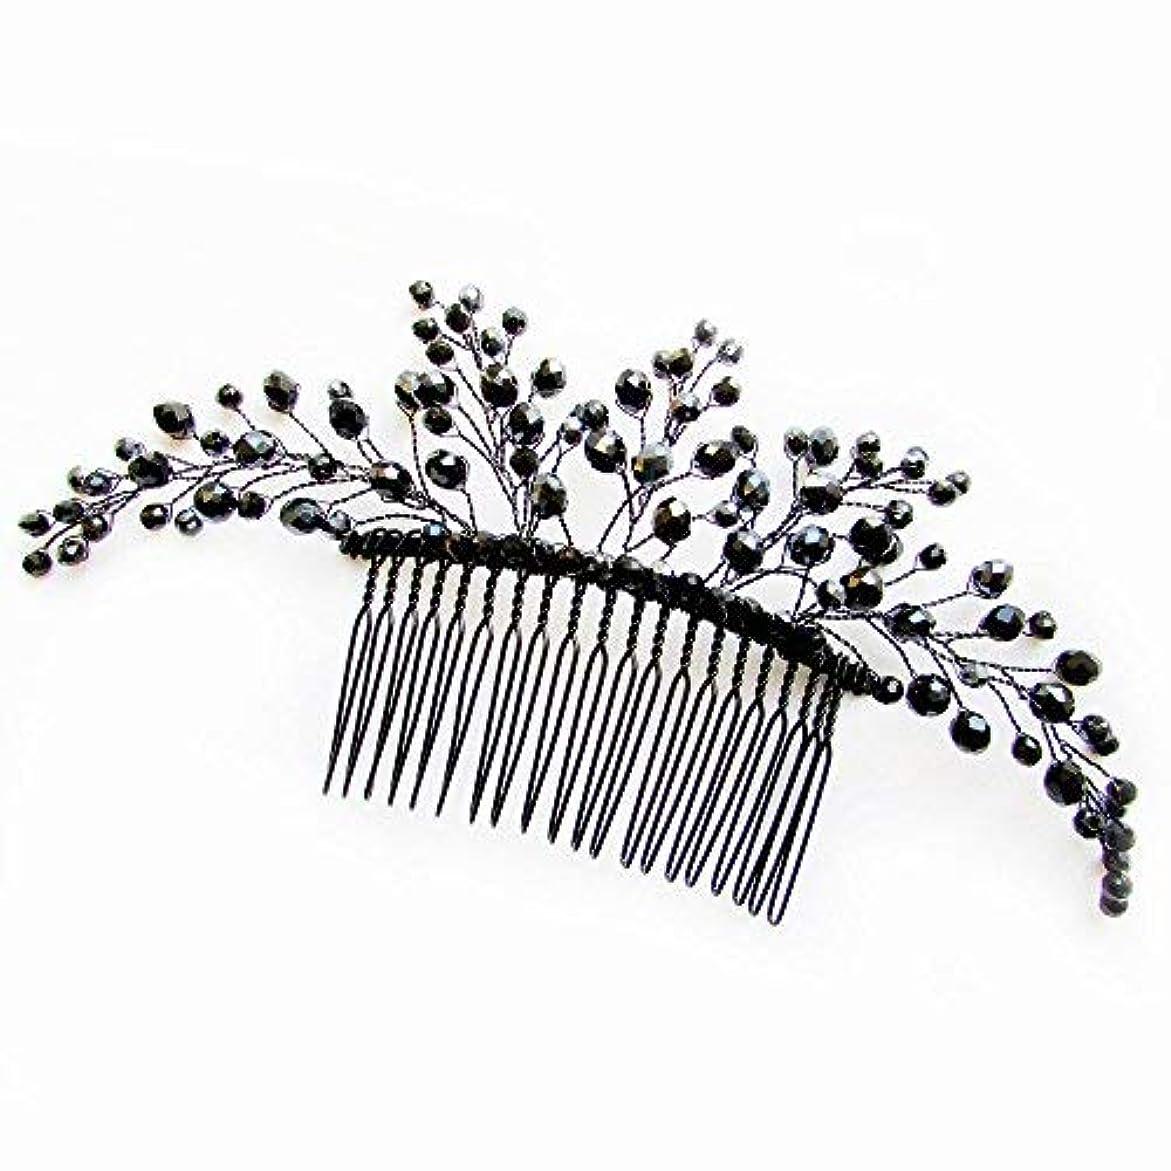 微妙オープナー製作Missgrace Black Hair Comb Halloween Special Occasion Headpiece Black Hair Accessories [並行輸入品]